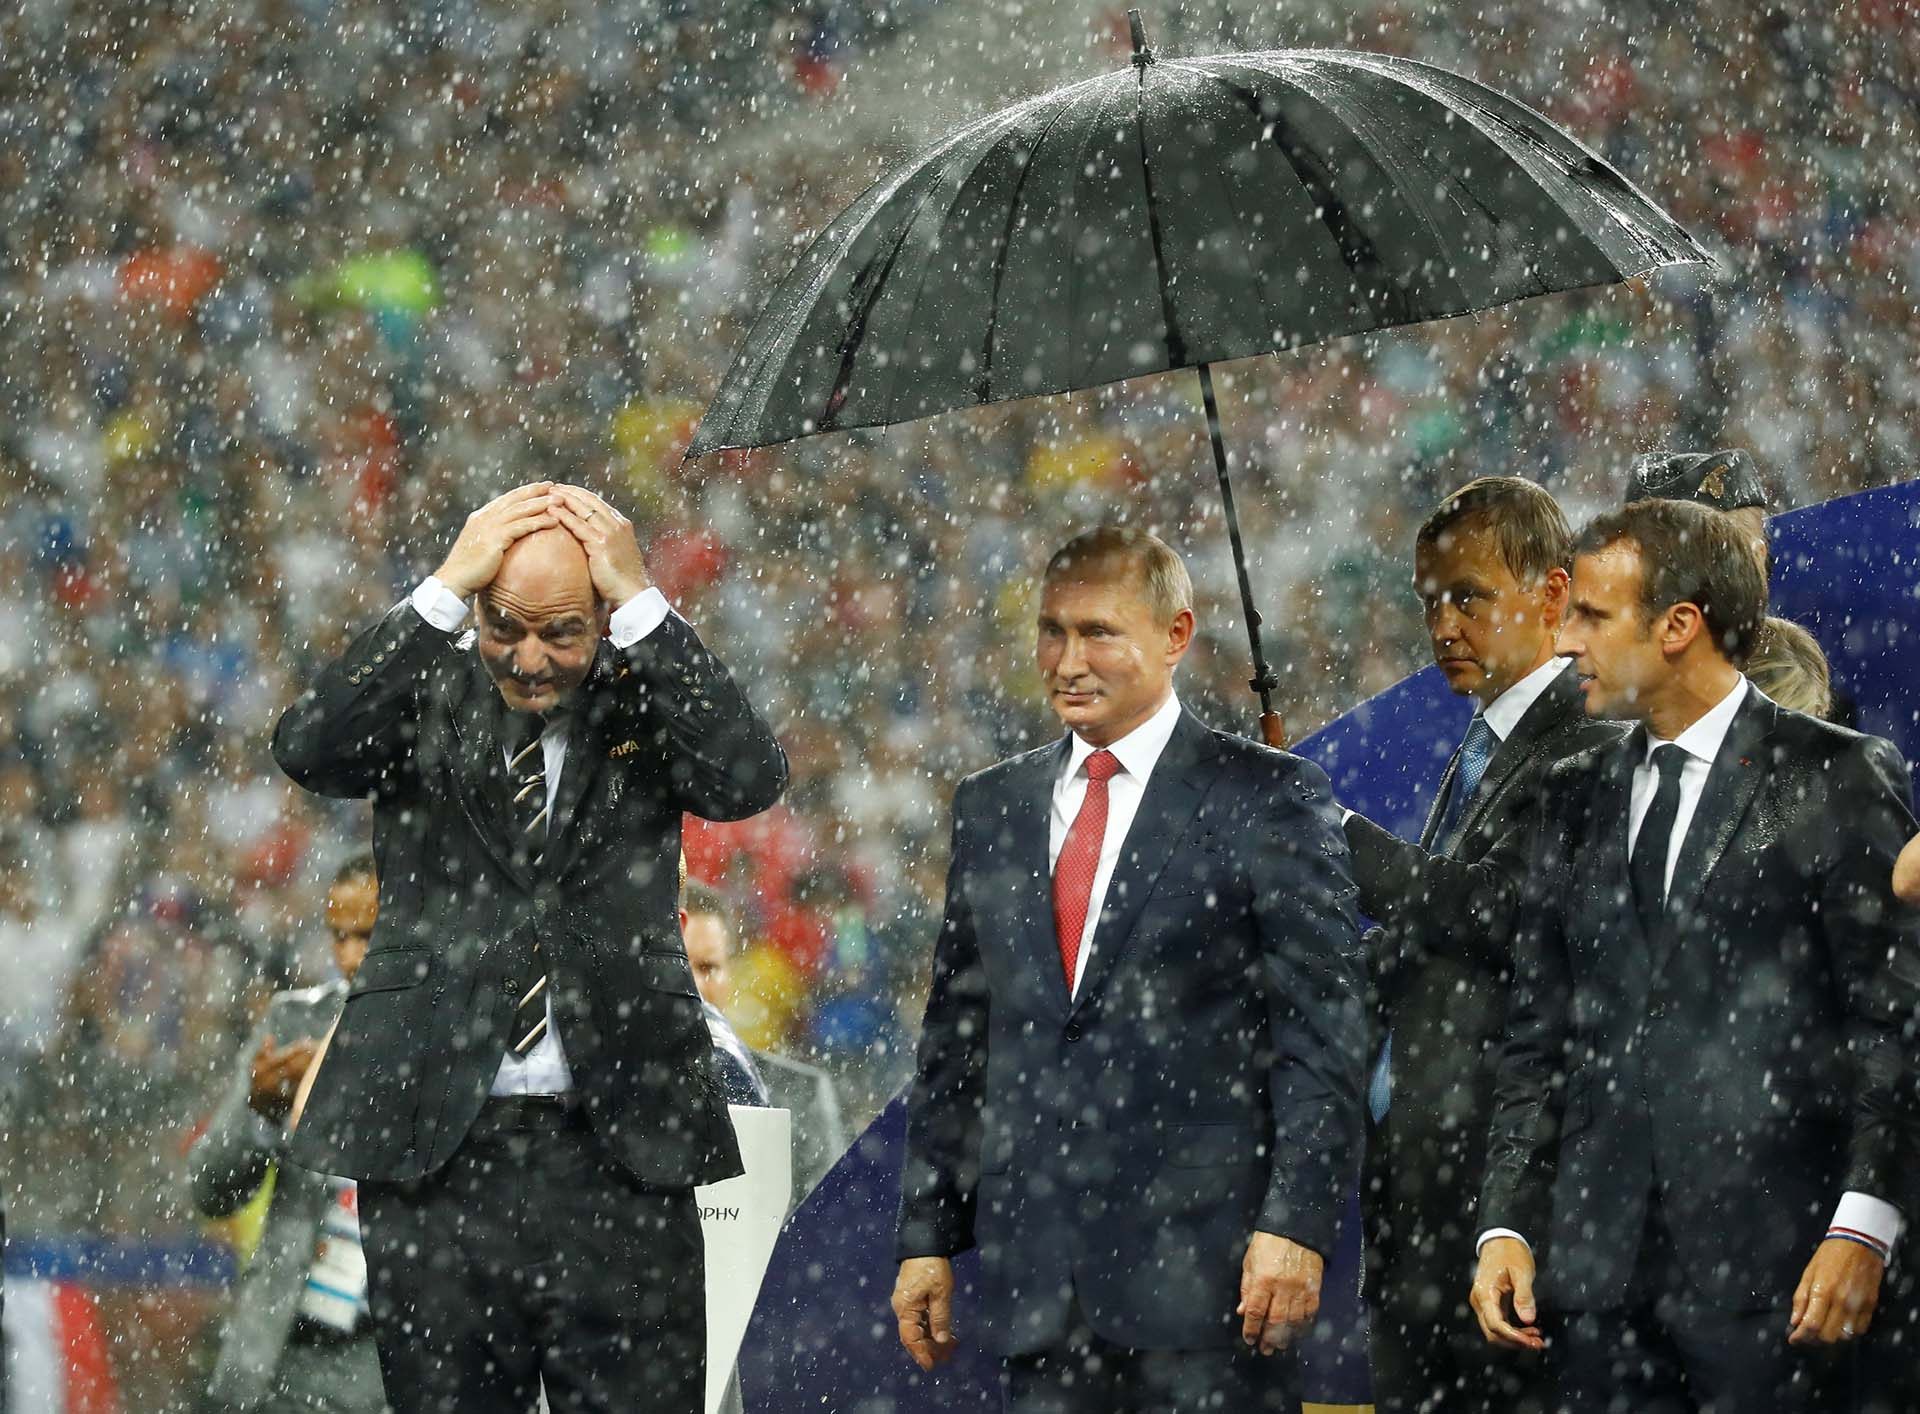 Gianni Infantino, presidente de la FIFA, Vladimir Putin, presidente de Rusia, y Emmanuel Macron, presidente de Francia